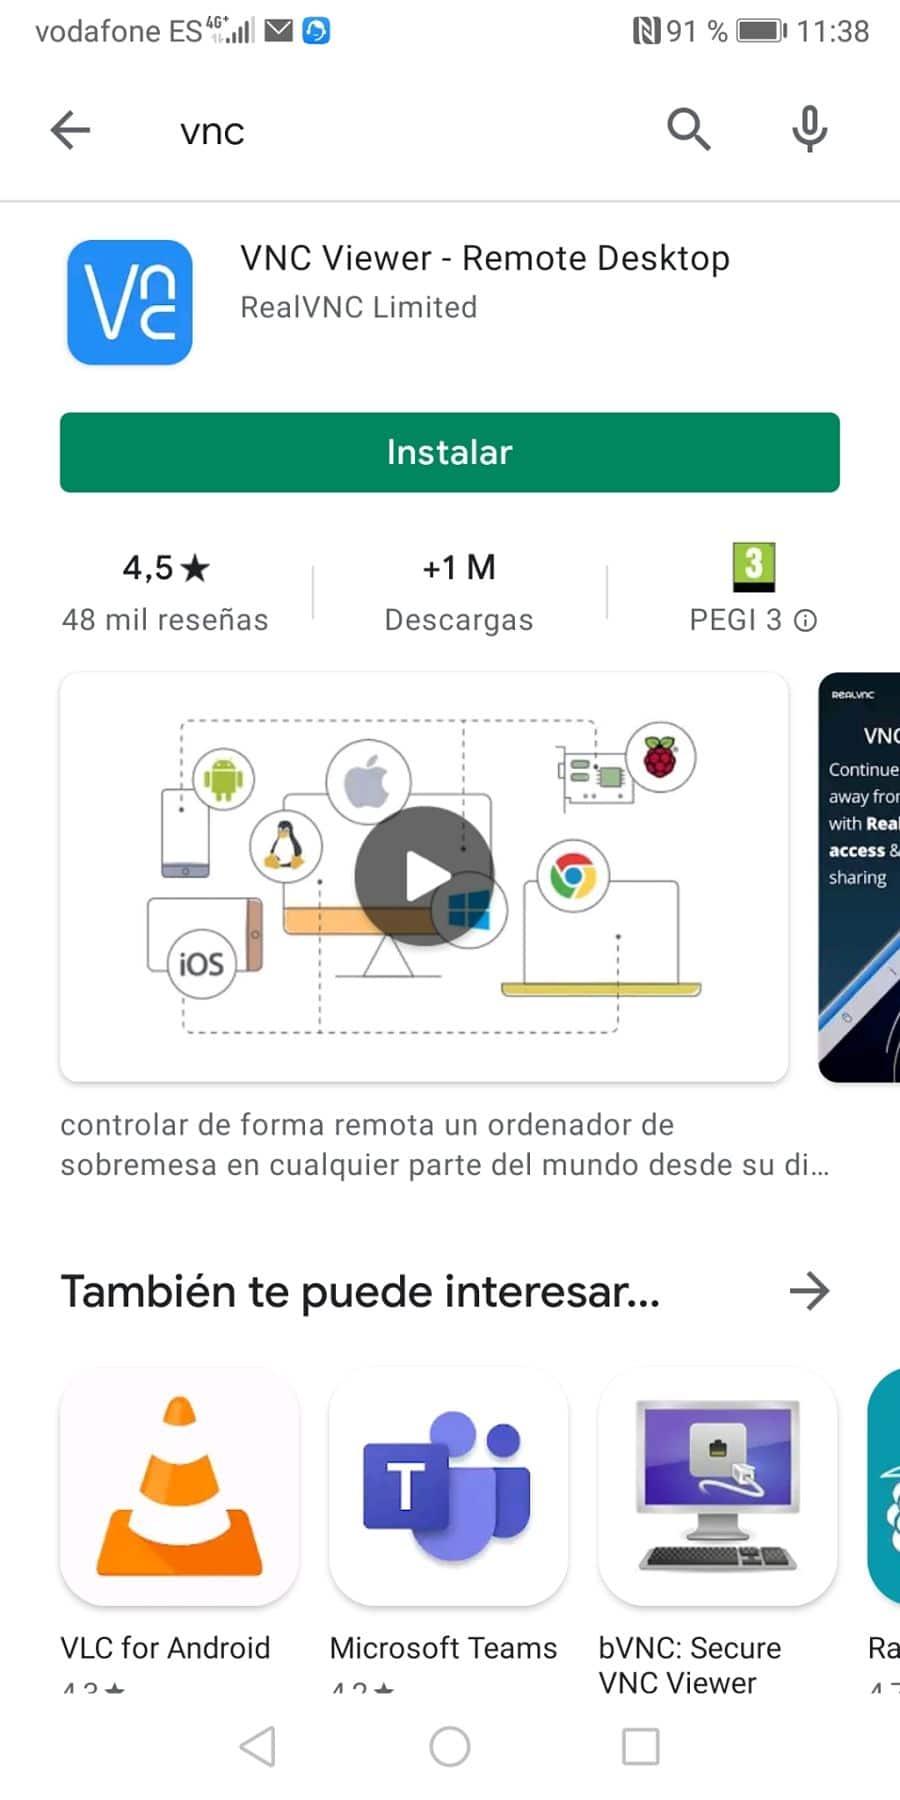 Buscar VNC Viewer en el smartphone para descargar